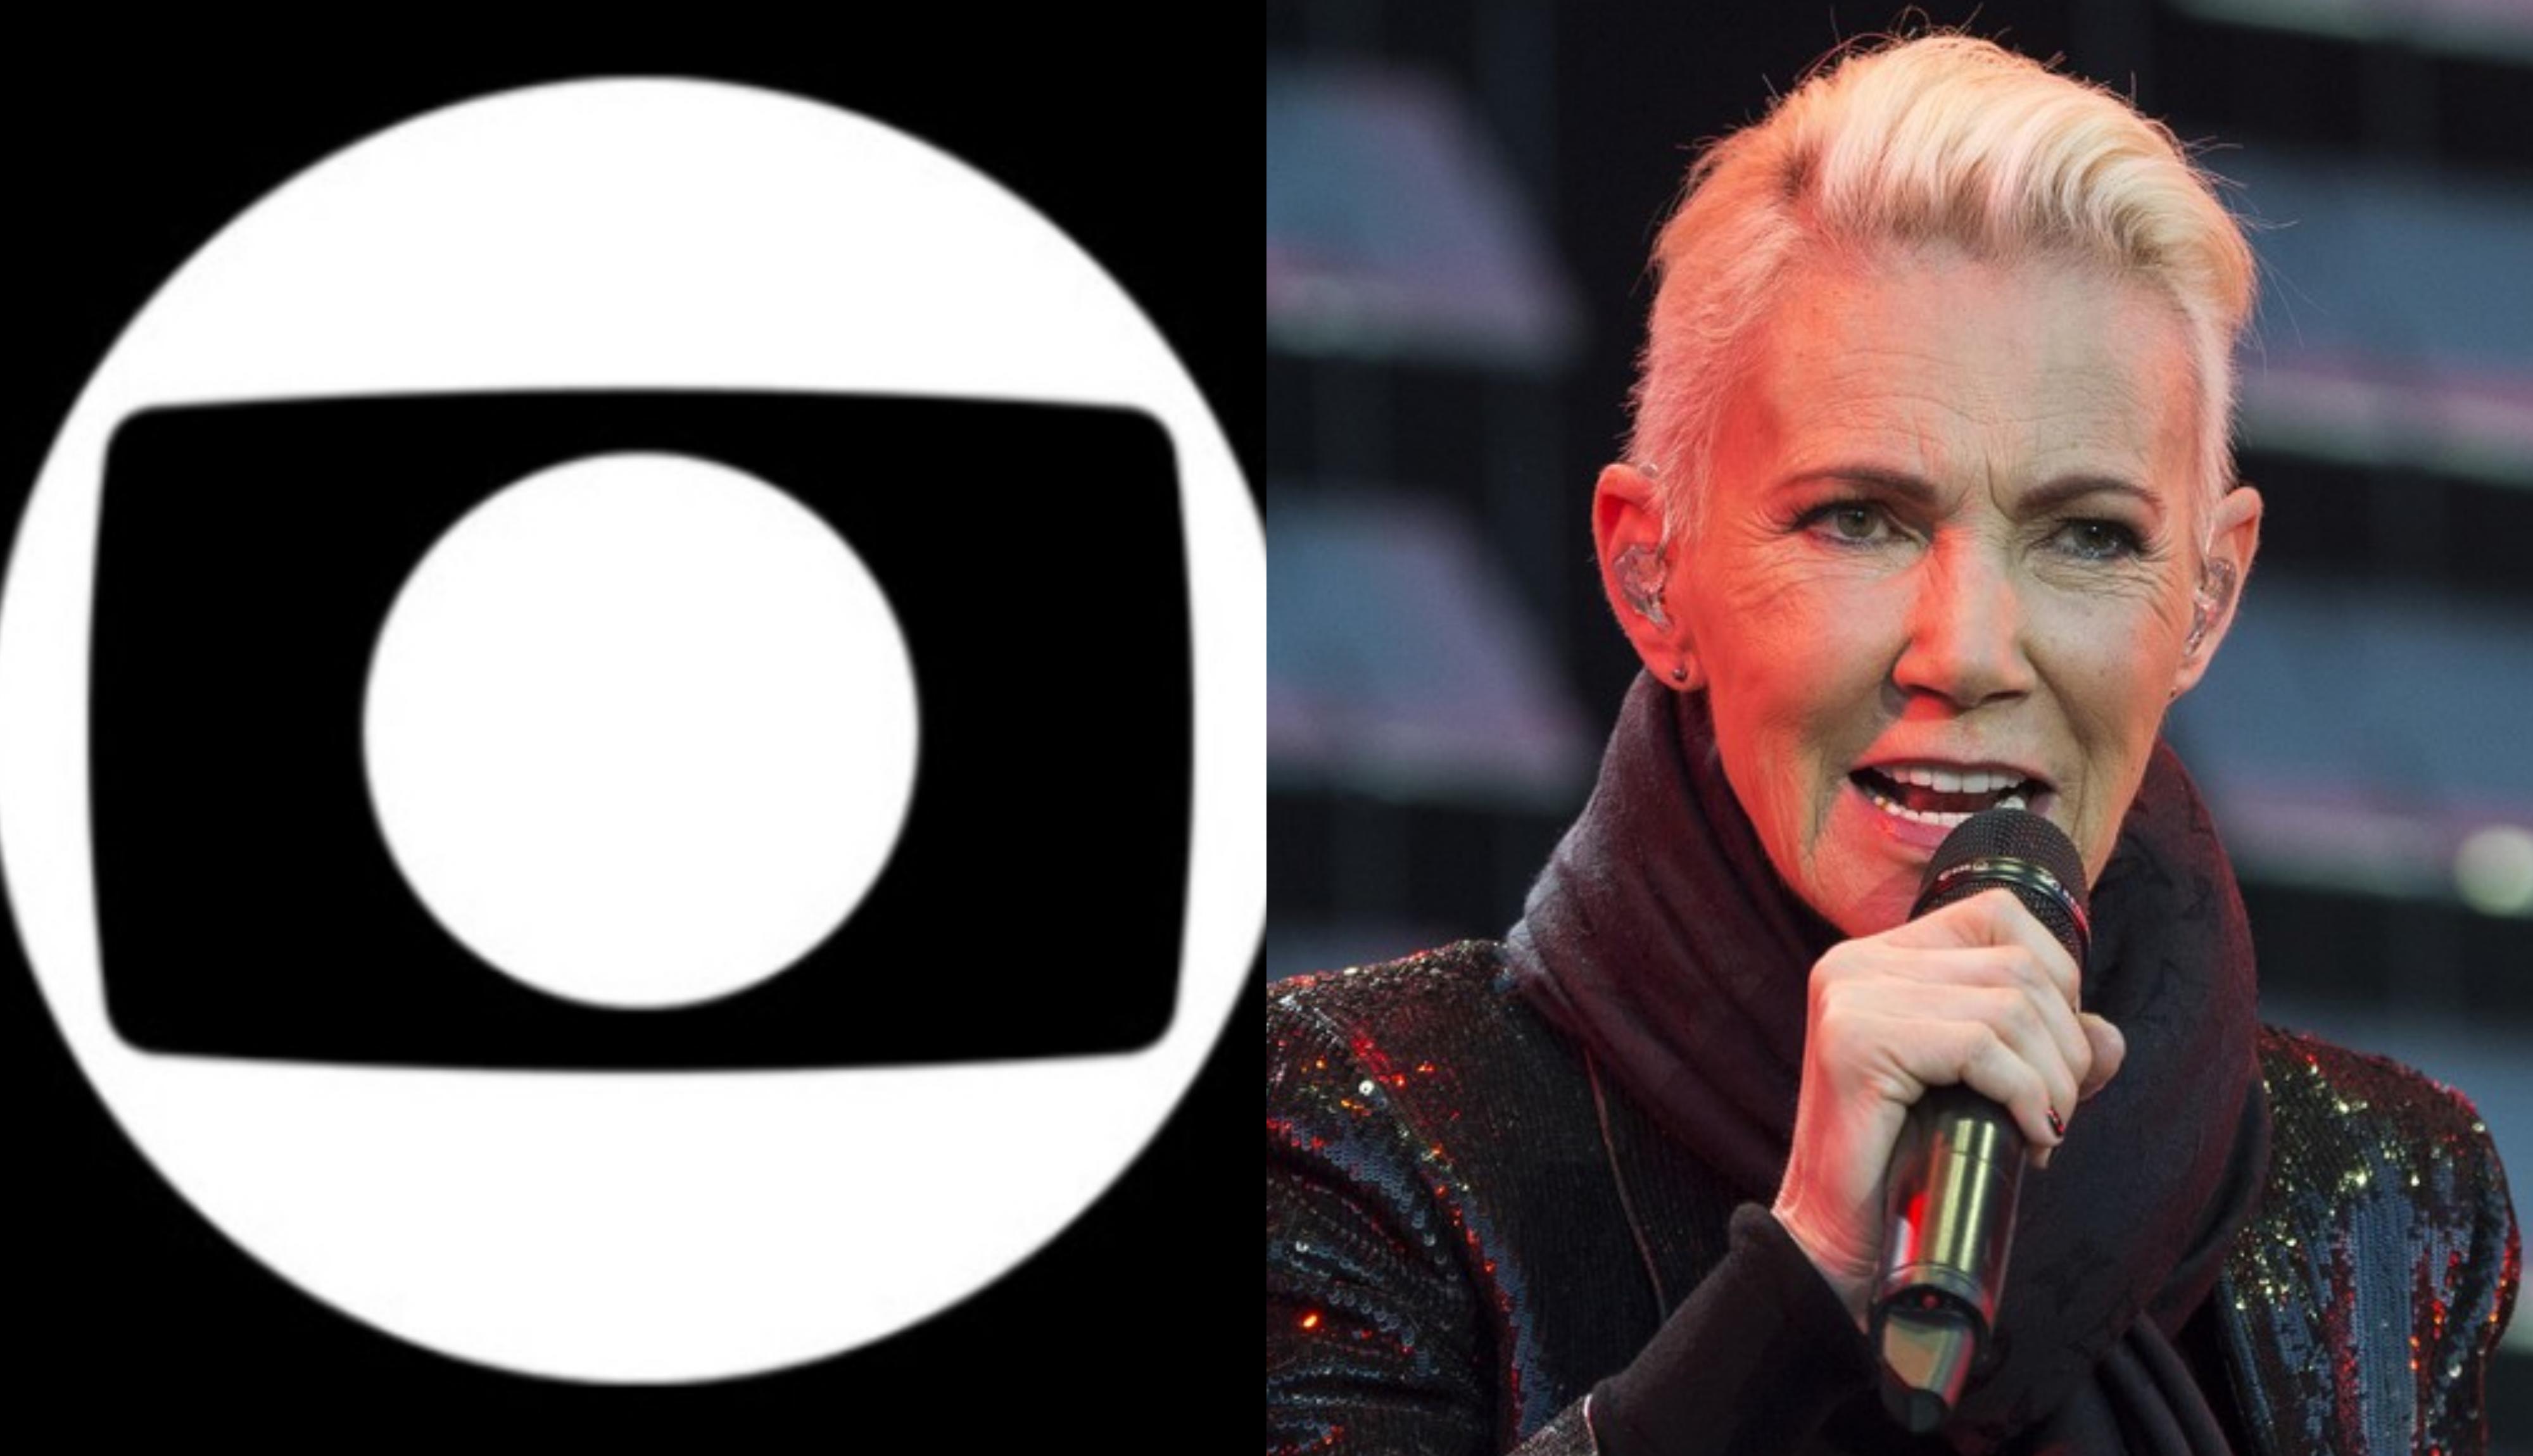 Globo noticiá morte da famosa cantora e vocalista de Marie Fredriksson, que lutava contra um câncer desde 2000 (Foto: Montagem TV Foco)